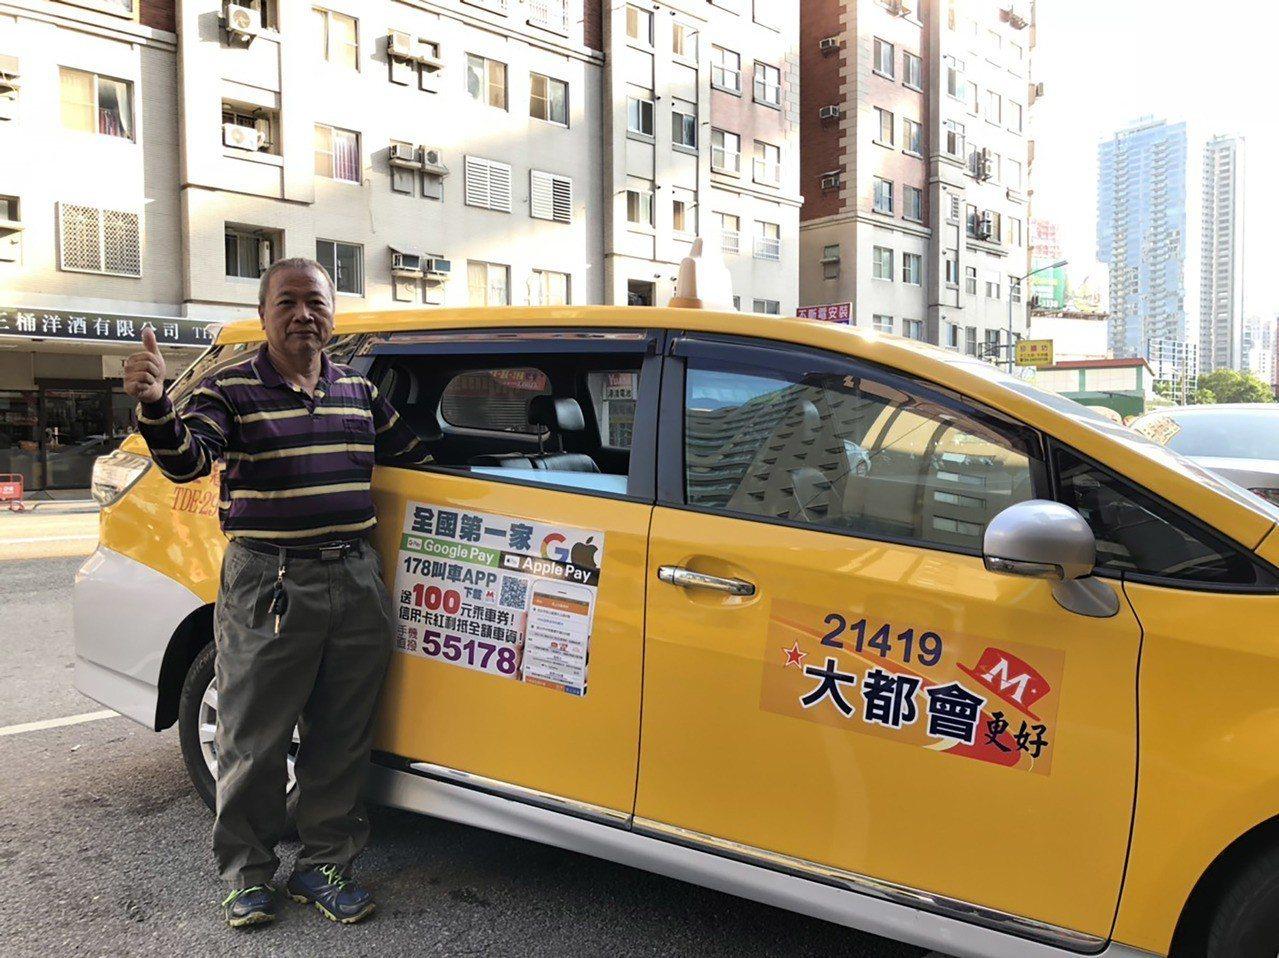 台中市敬老愛心卡新補助方案15日起正式實施,搭計程車每趟次將補助50點,參與計程...